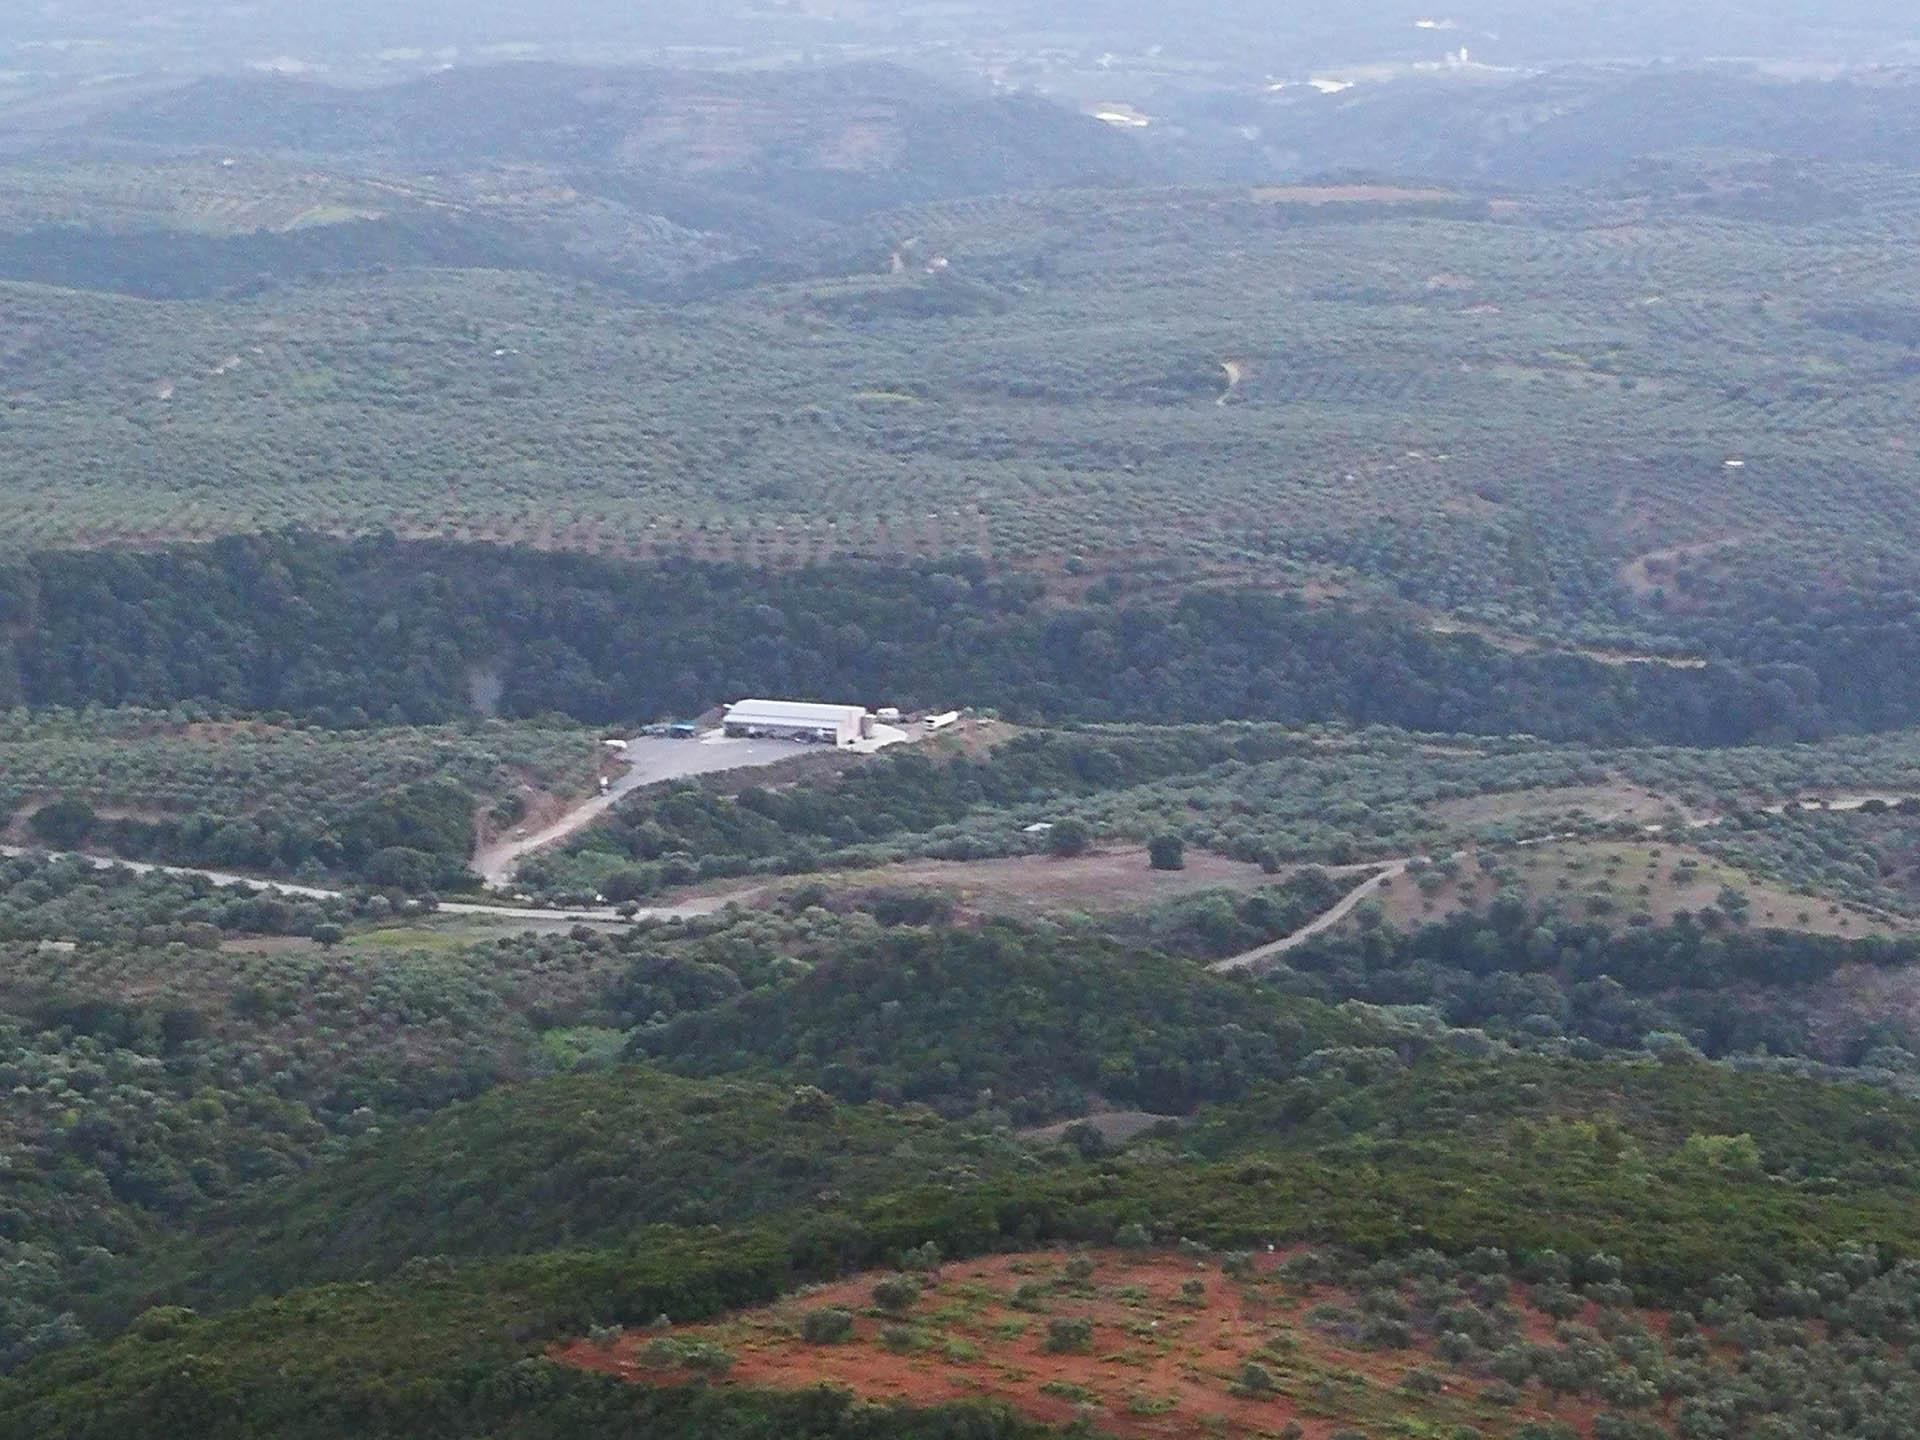 Λιόκλαδο - έξτρα παρθένο ελαιόλαδο - Ελαιοτριβείο Καραπατά - Μεσσηνία